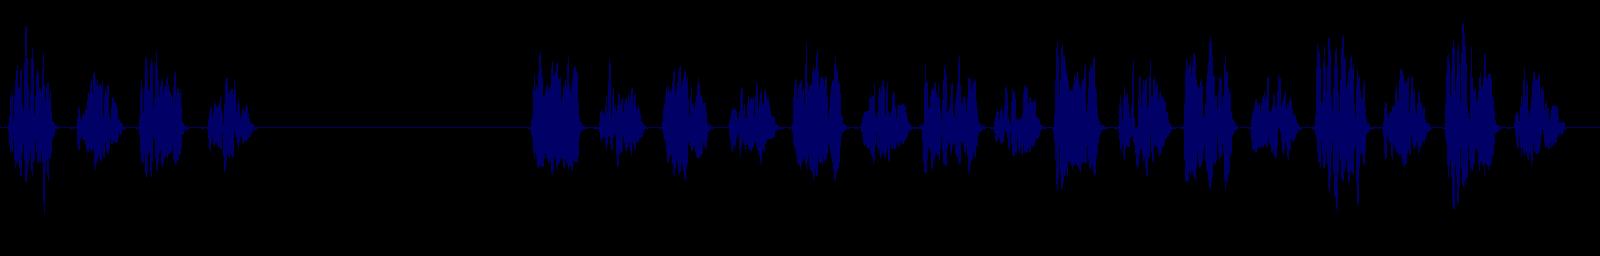 waveform of track #118913